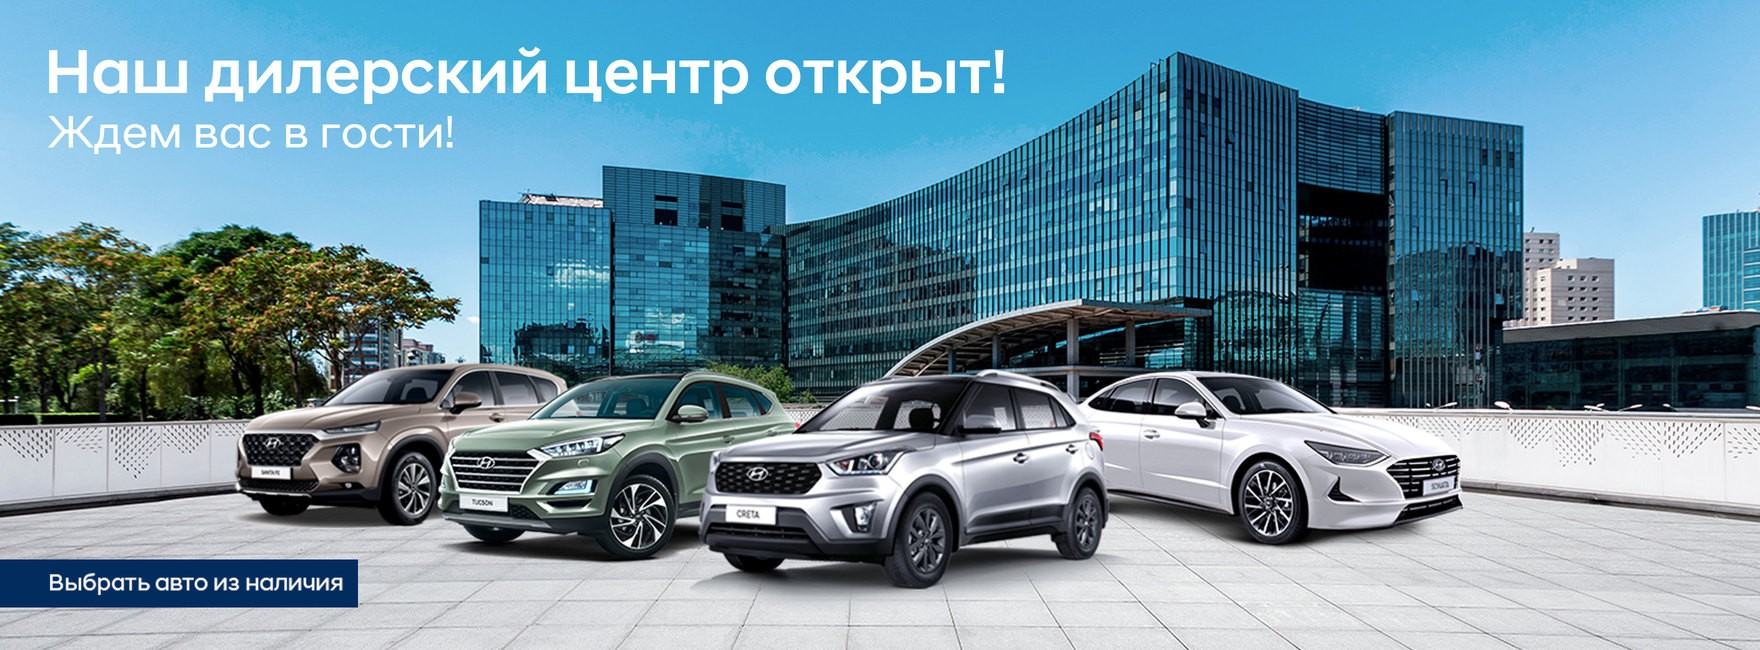 Автосалон хендай в москве авто купил авто а оно в залоге у банка что делать по новому закону